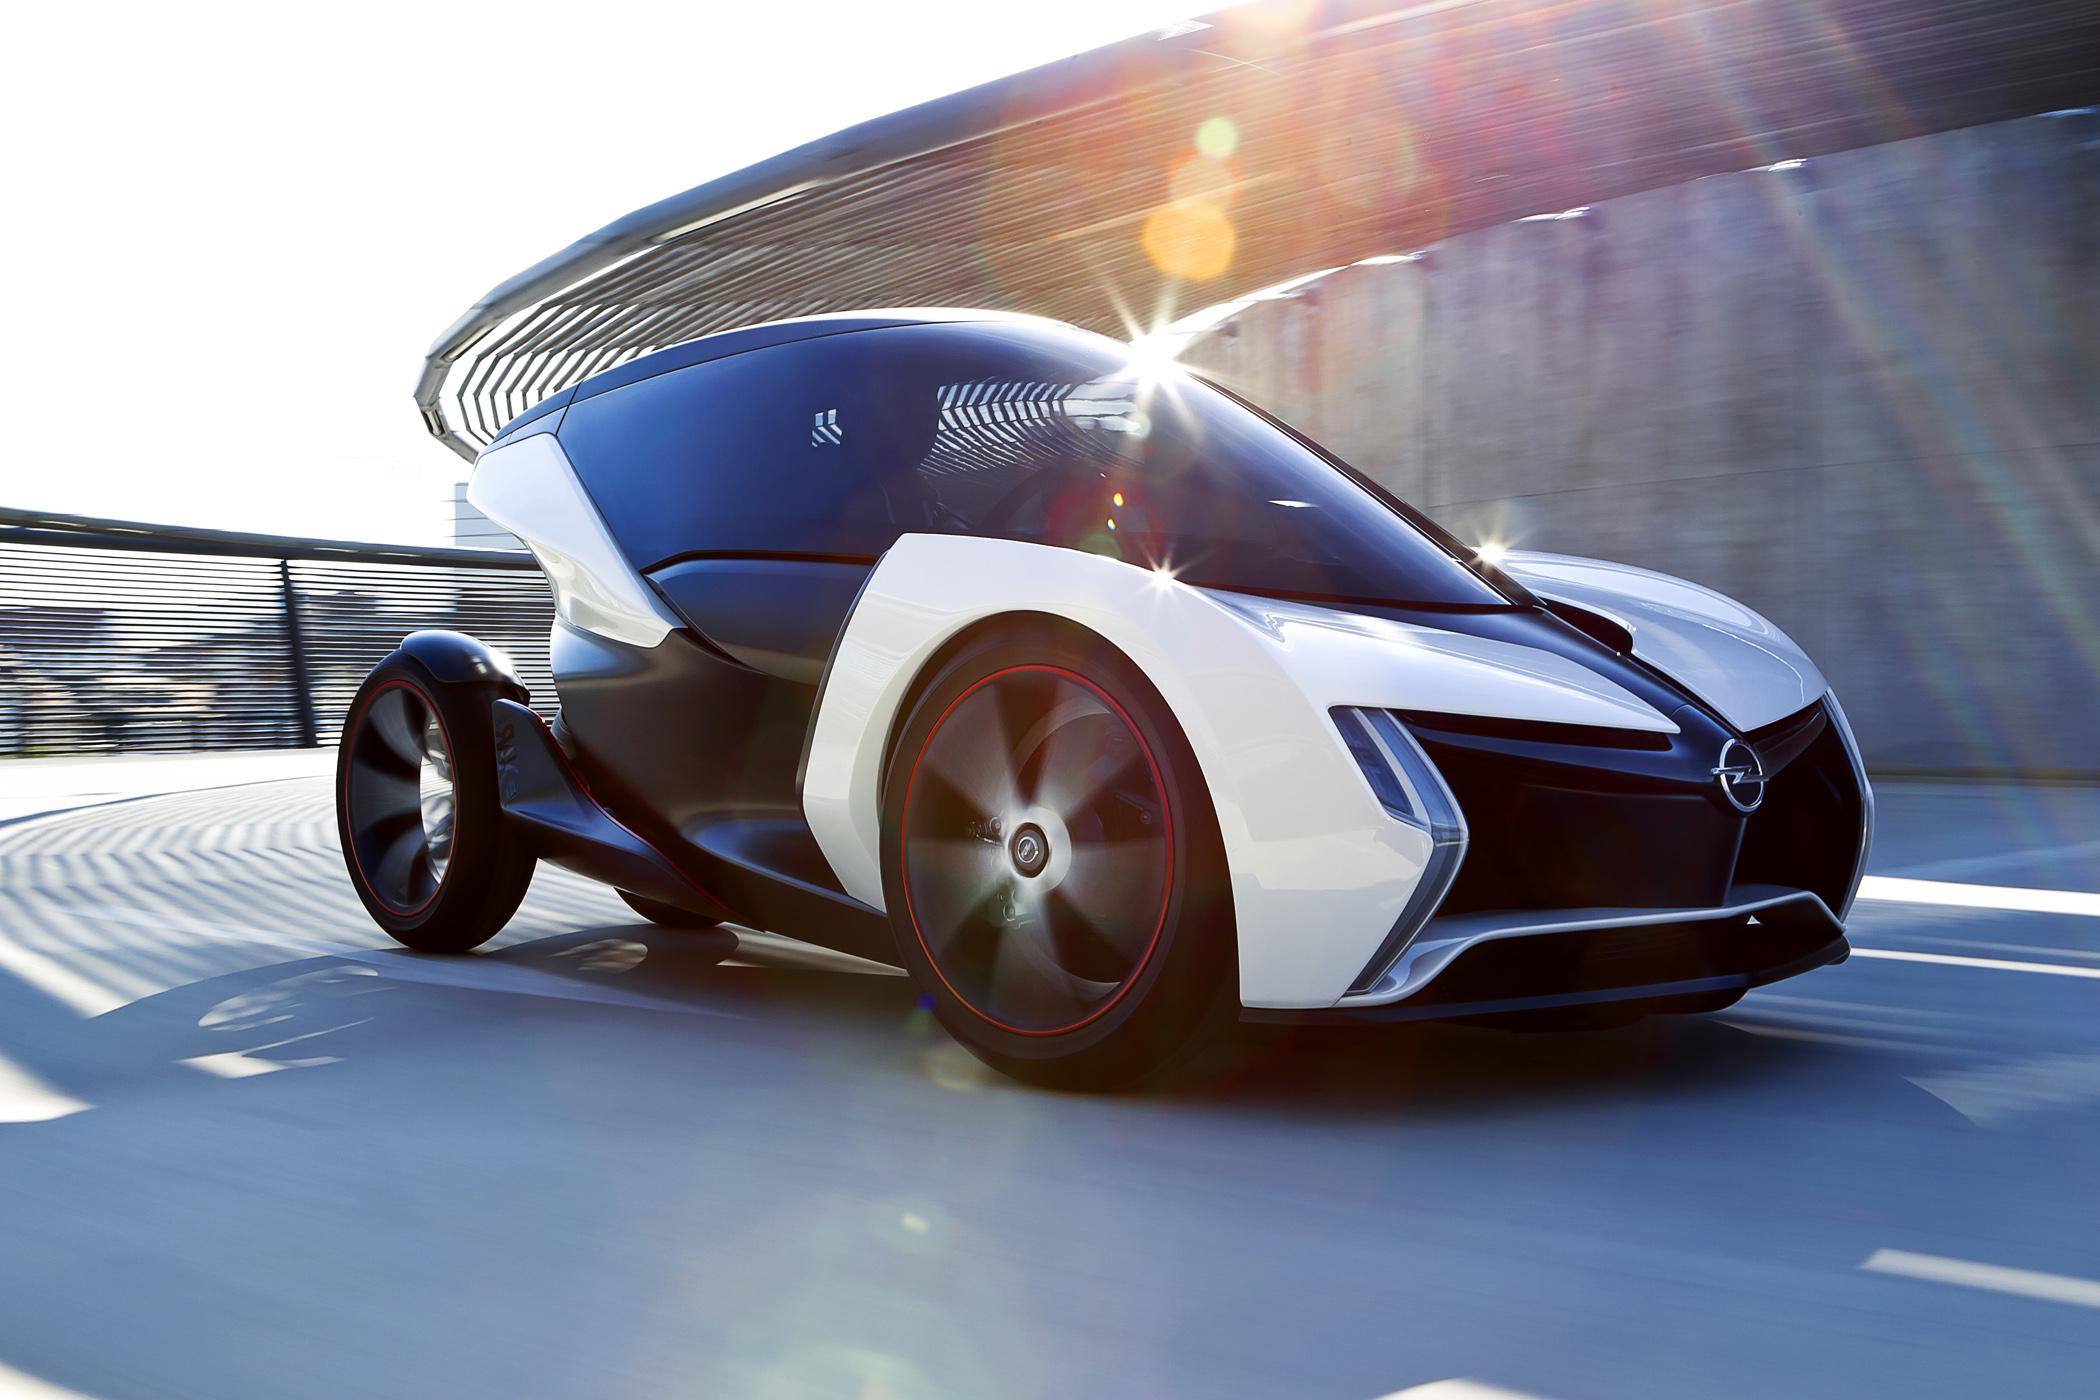 Opel Rak-e concept car